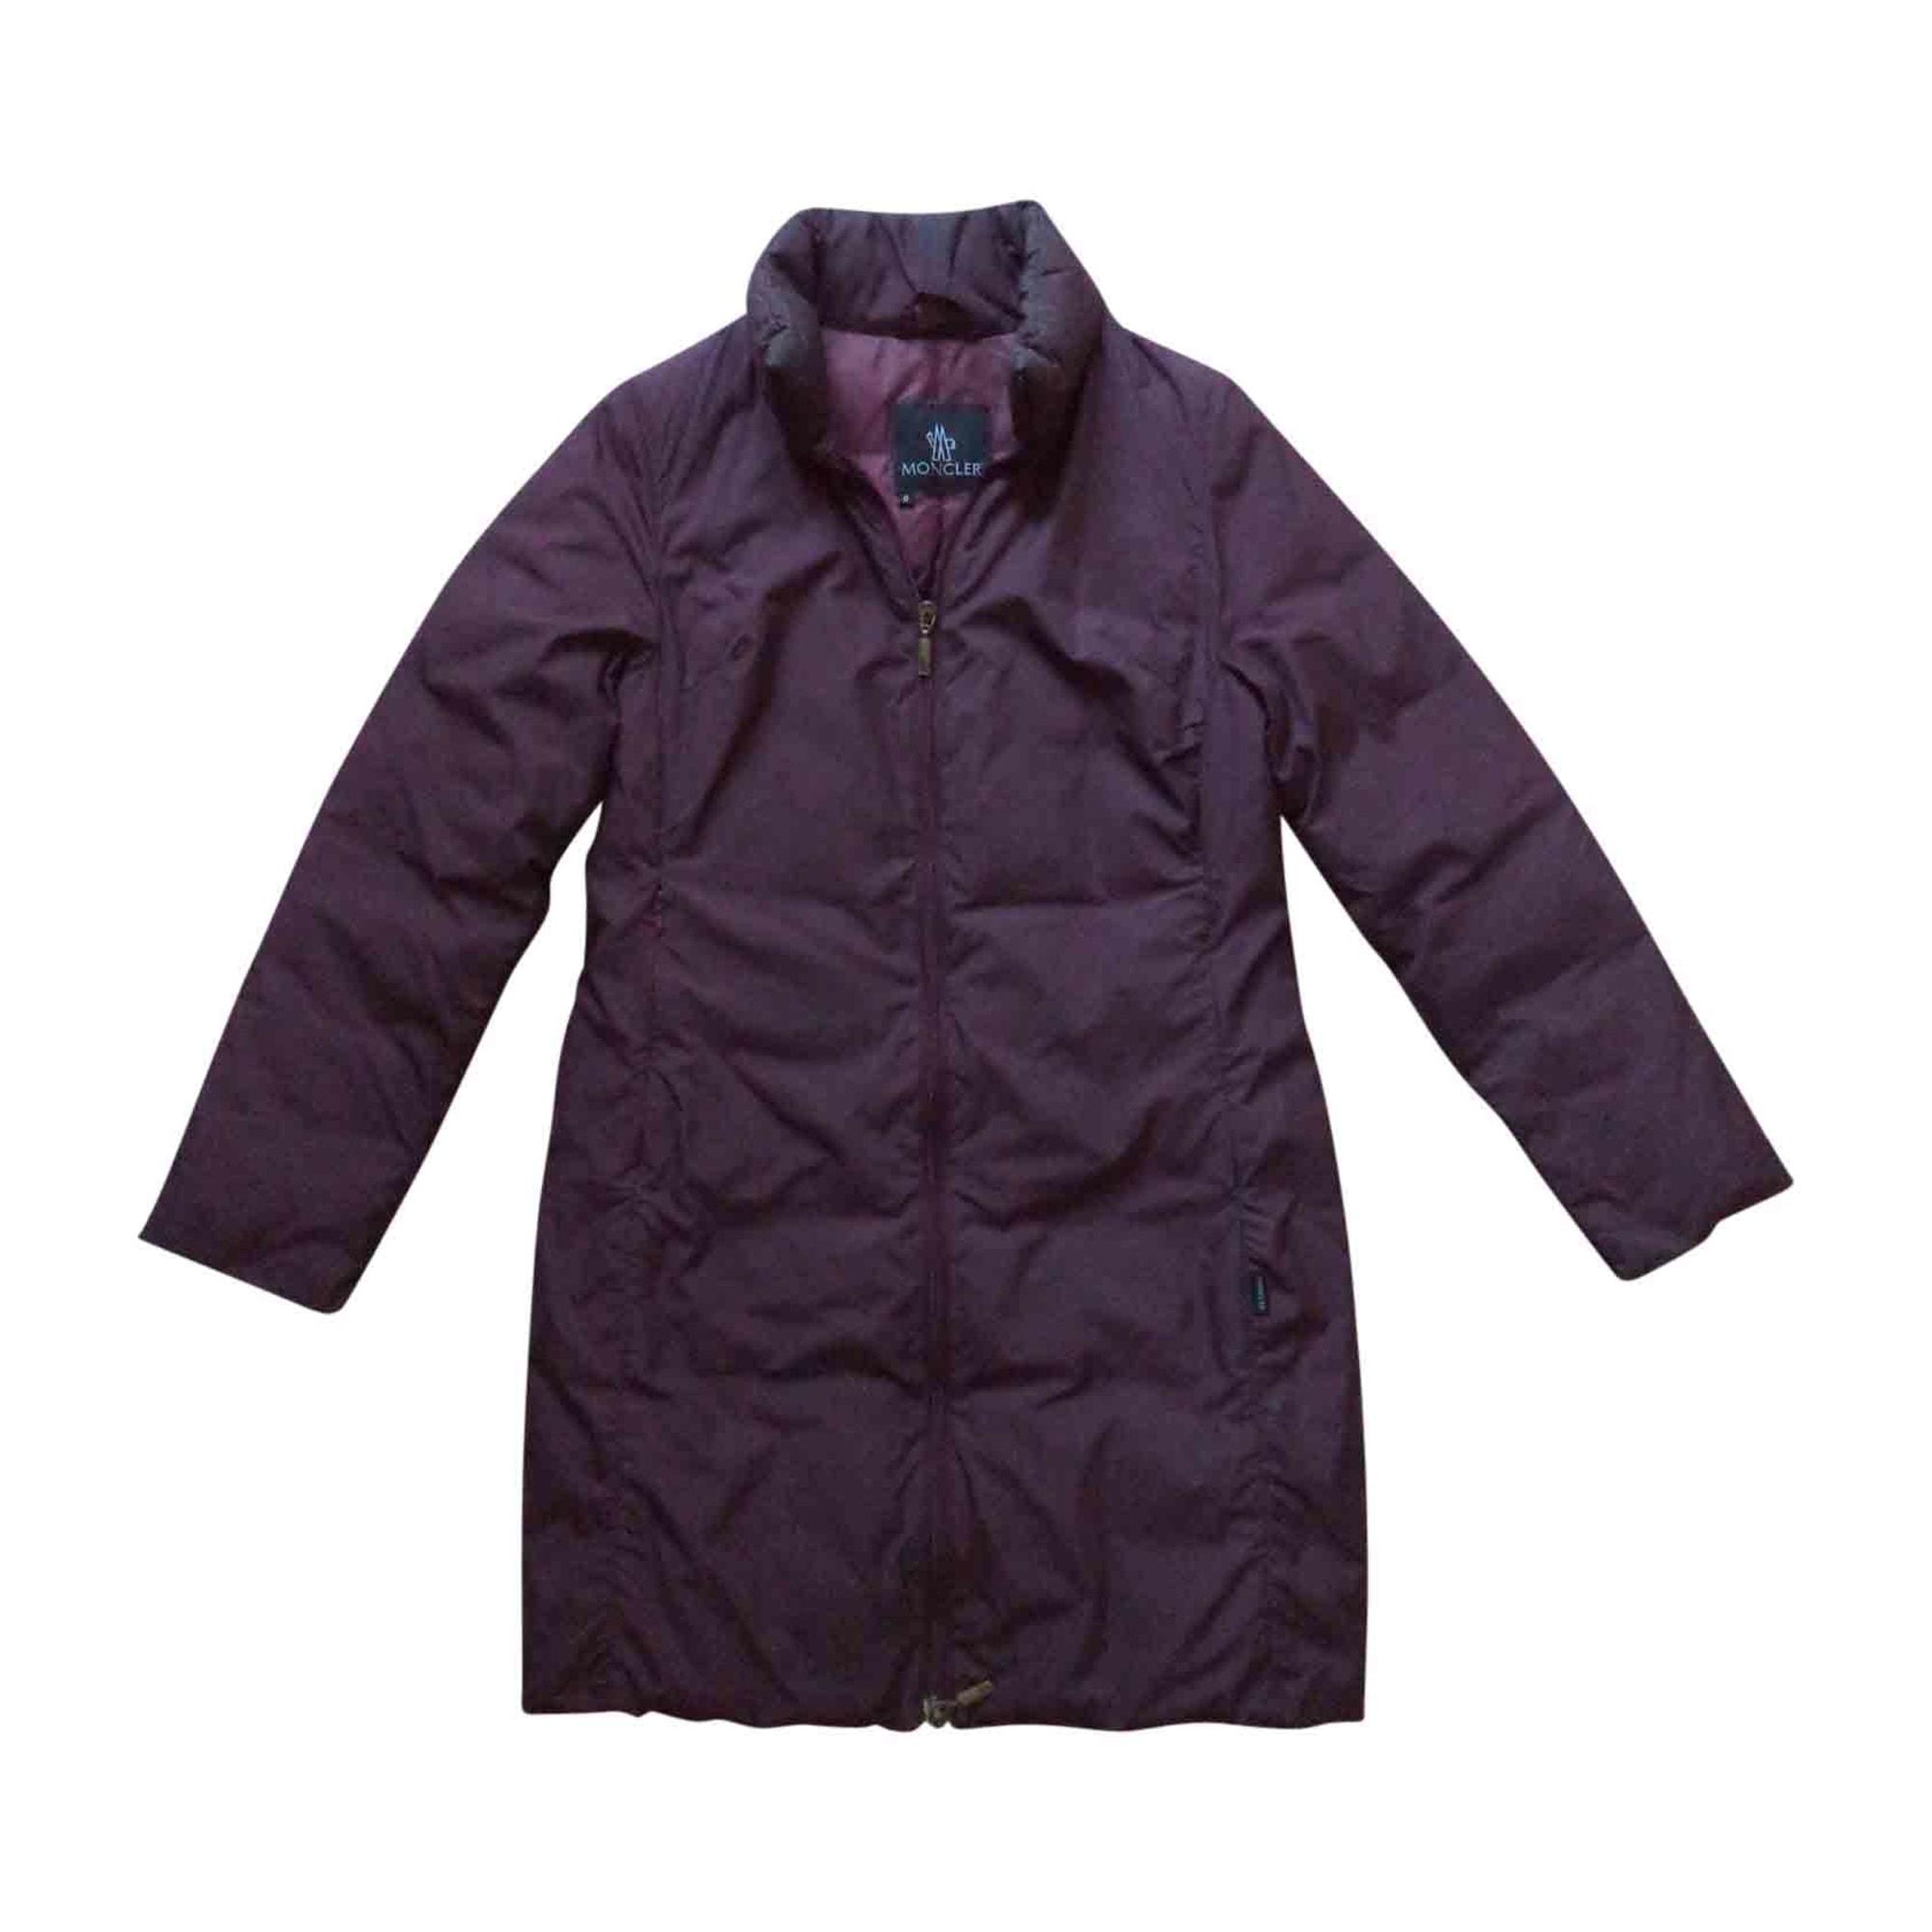 Doudoune MONCLER 34 (XS, T0) violet vendu par Allmixstyle377 - 7047658 5766ad8d4f8